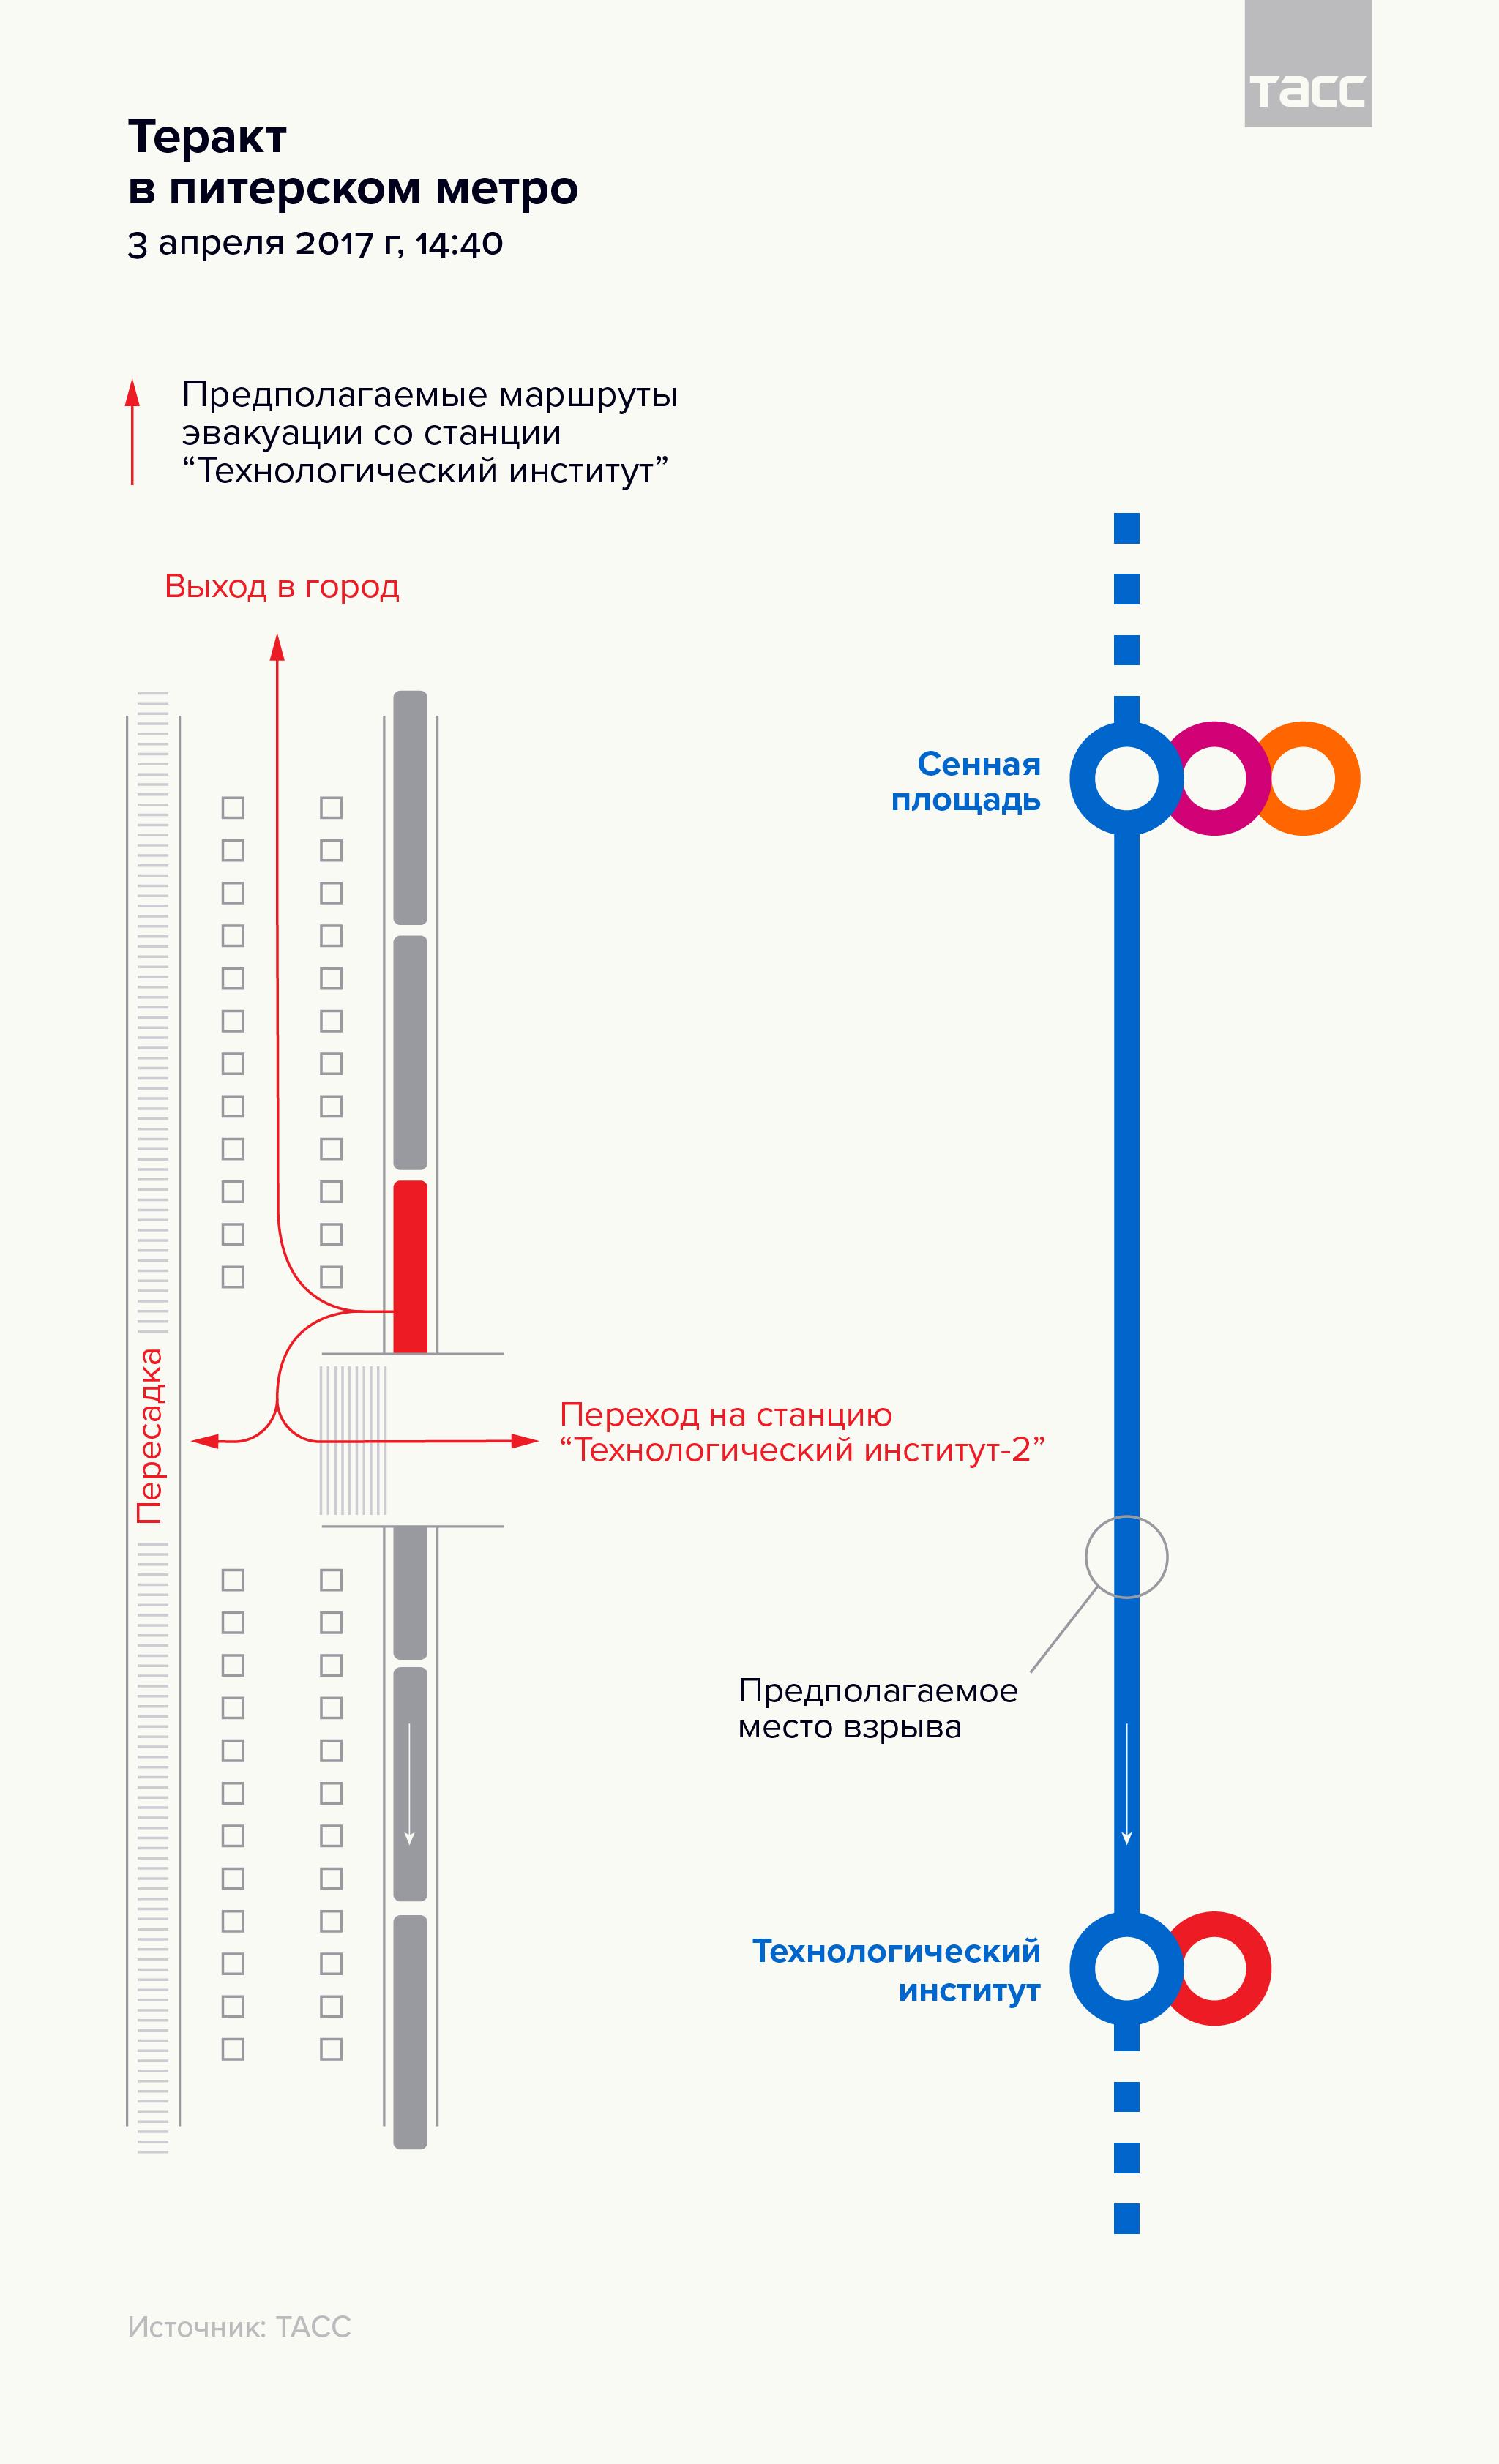 Теракт в метро Санкт-Петербурга: предполагаемое место взрыва и маршруты эвакуации